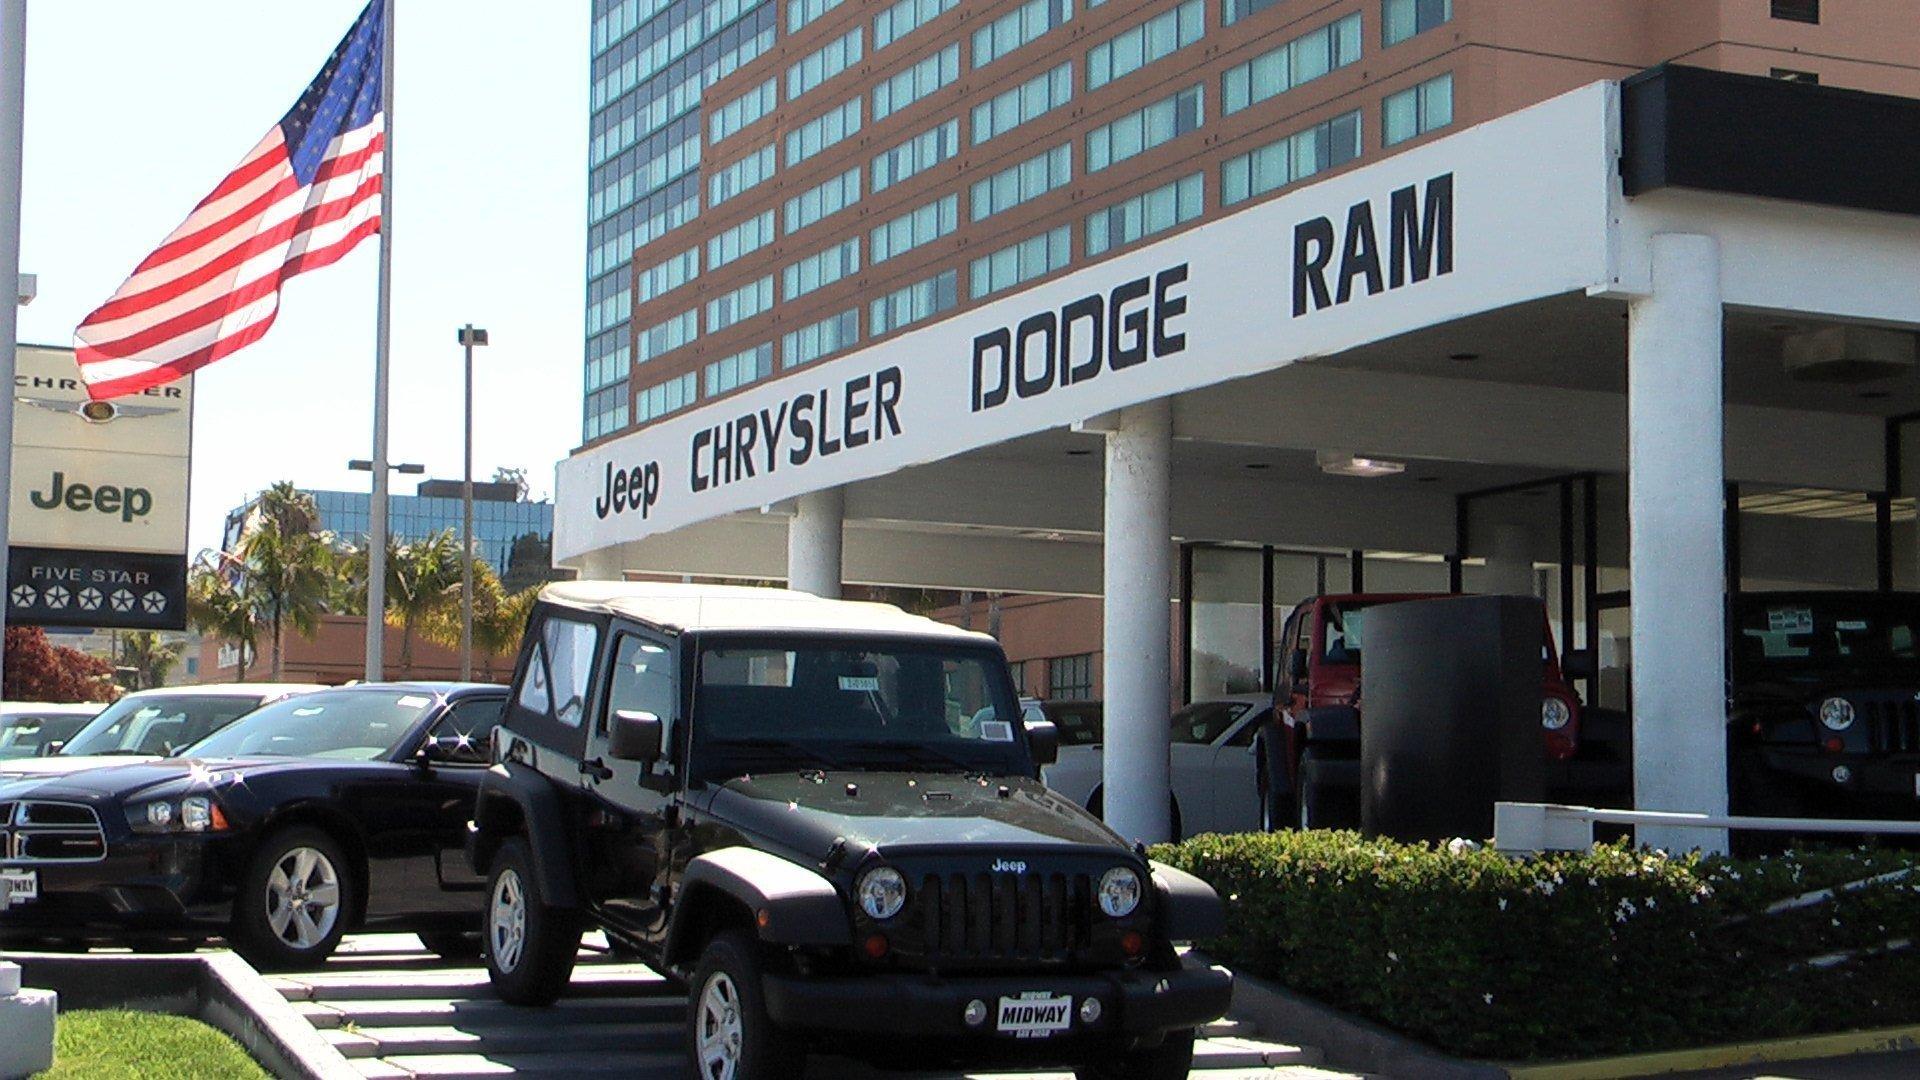 Midway Jeep Chrysler Dodge Ram The San Diego Union Tribune